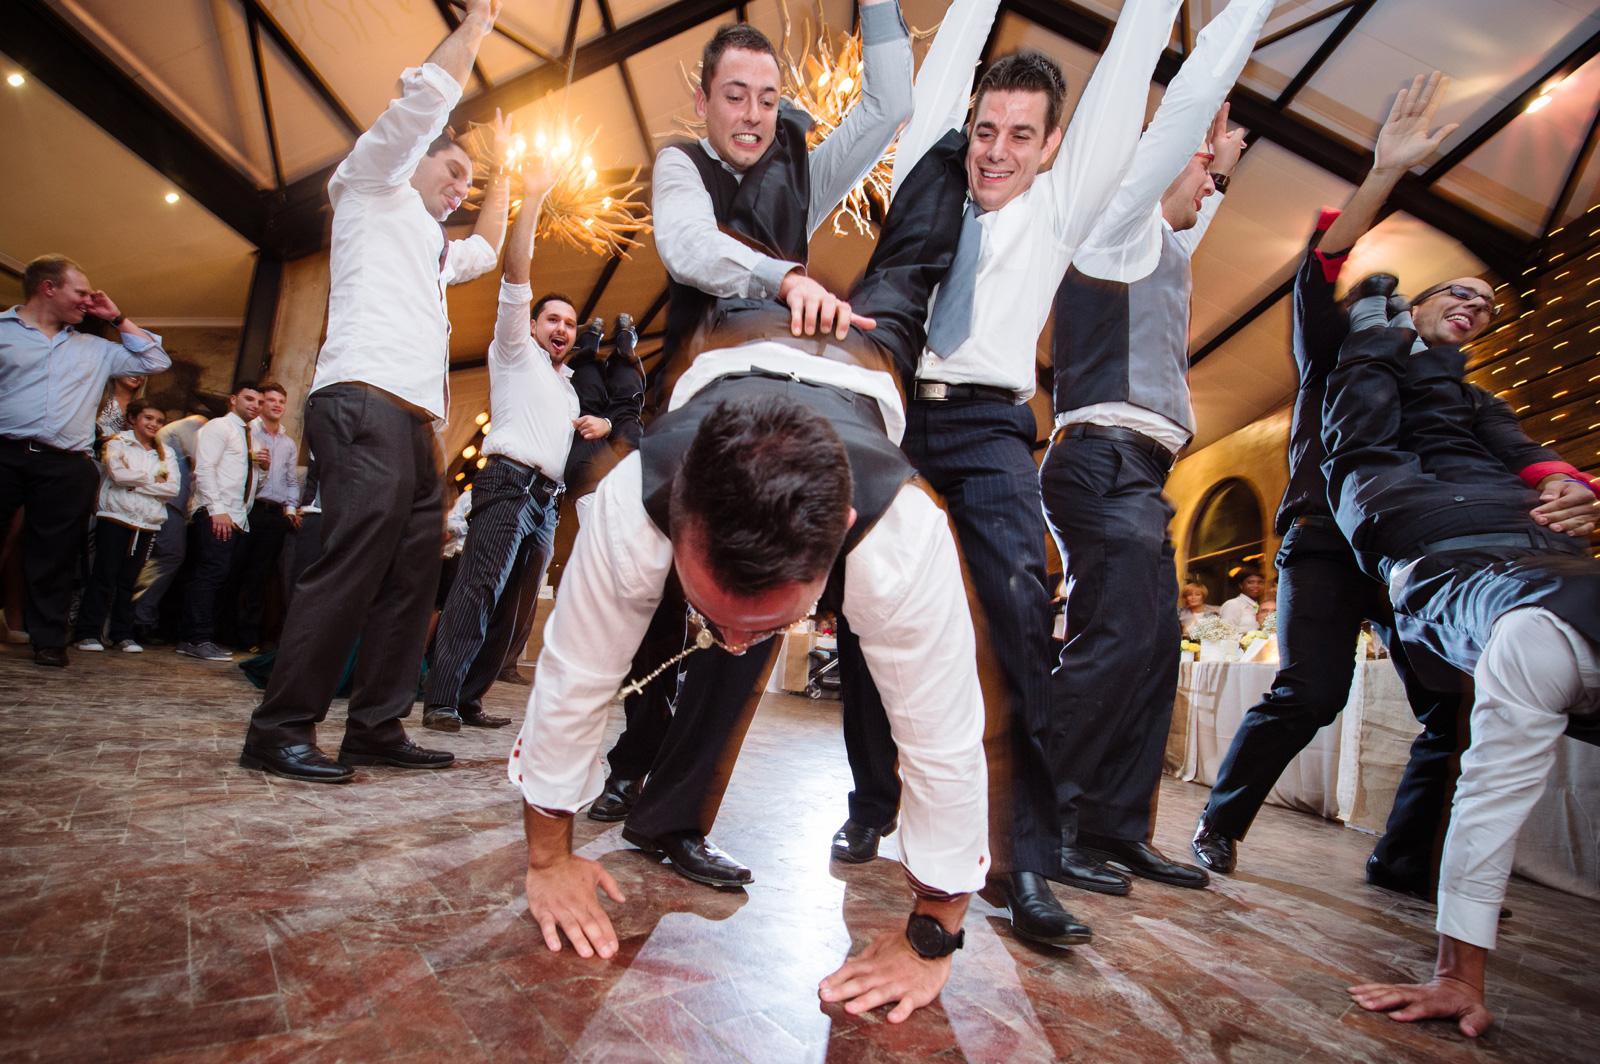 groom upside down